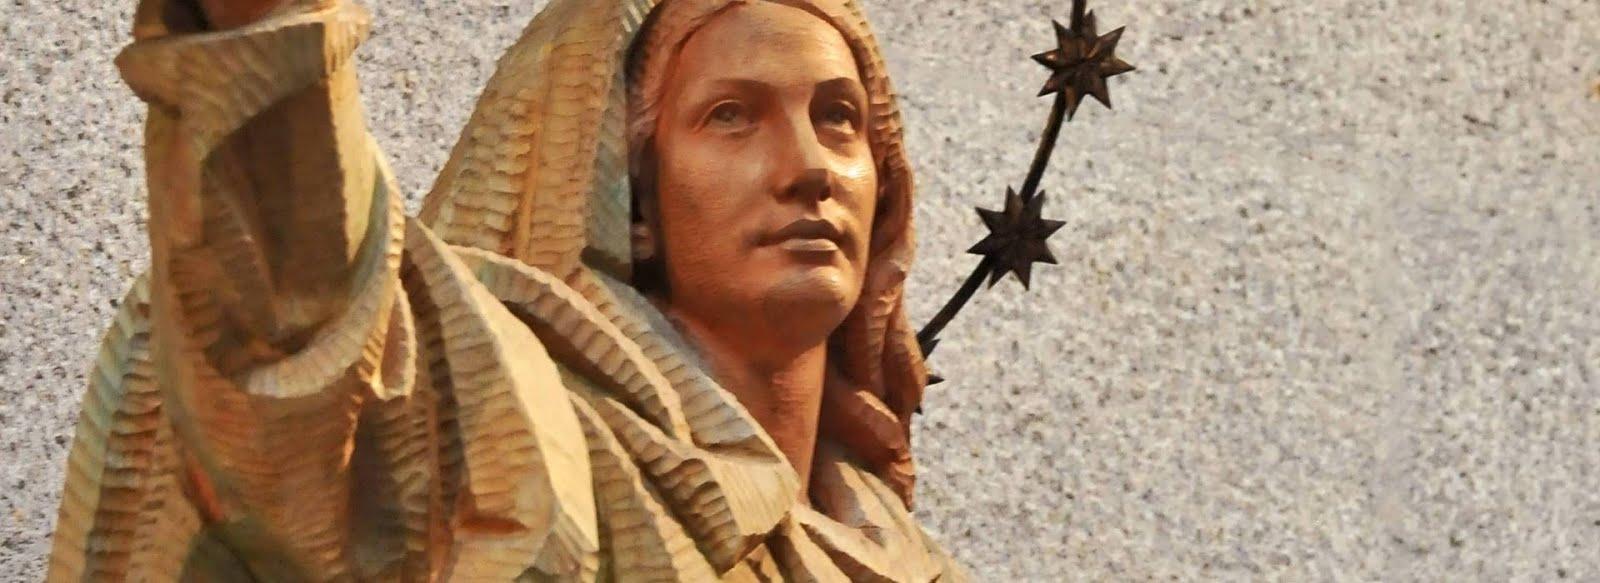 Fiesta de Nuestra Señora de la Asunción